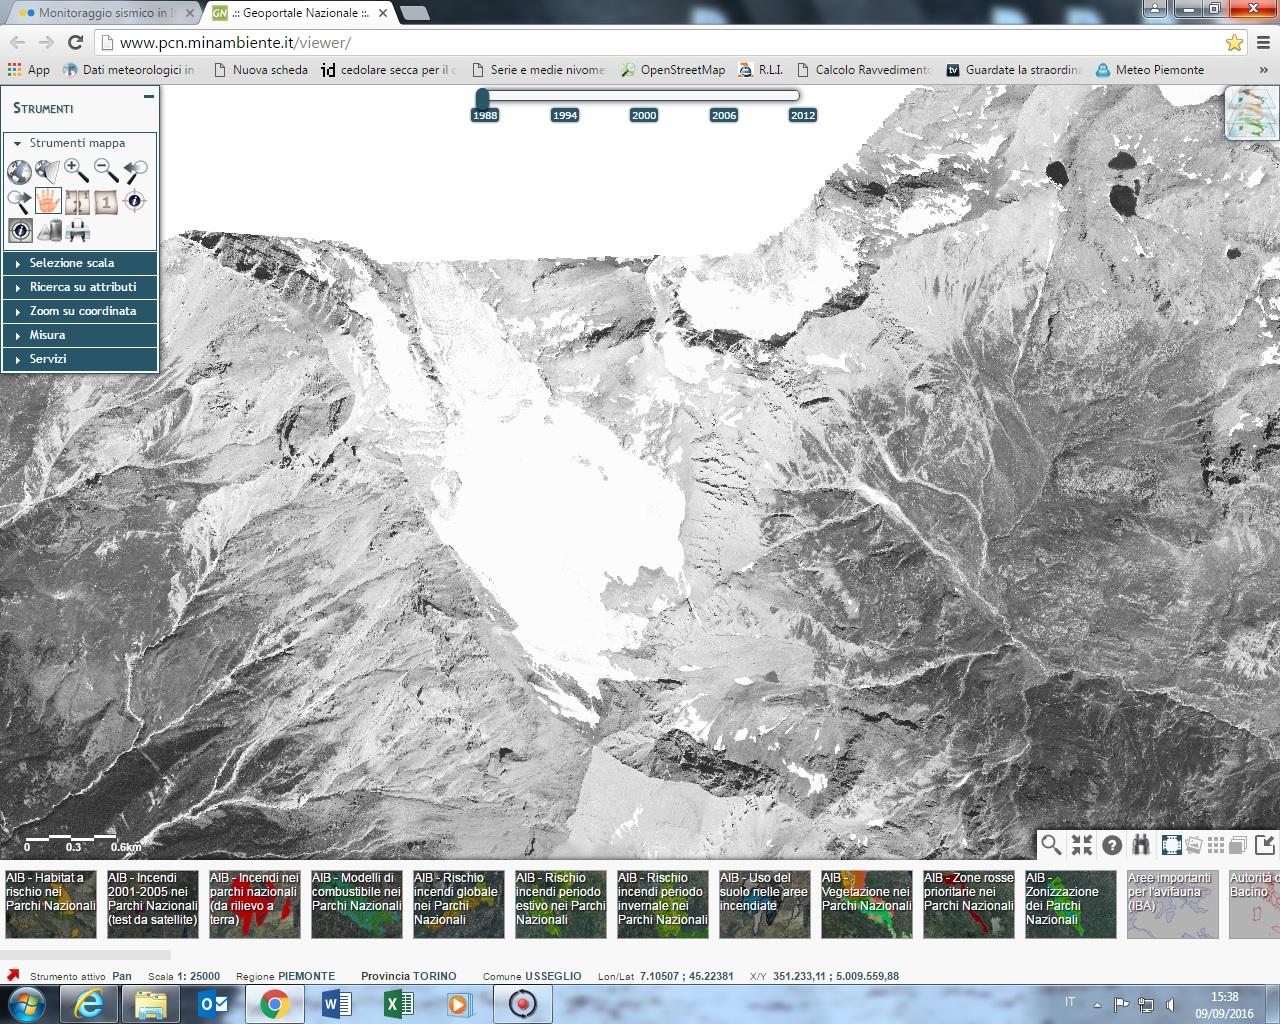 Il ritiro dei ghiacciai in Italia e nel mondo: qui i confronti-rocciamelone-1988.jpg